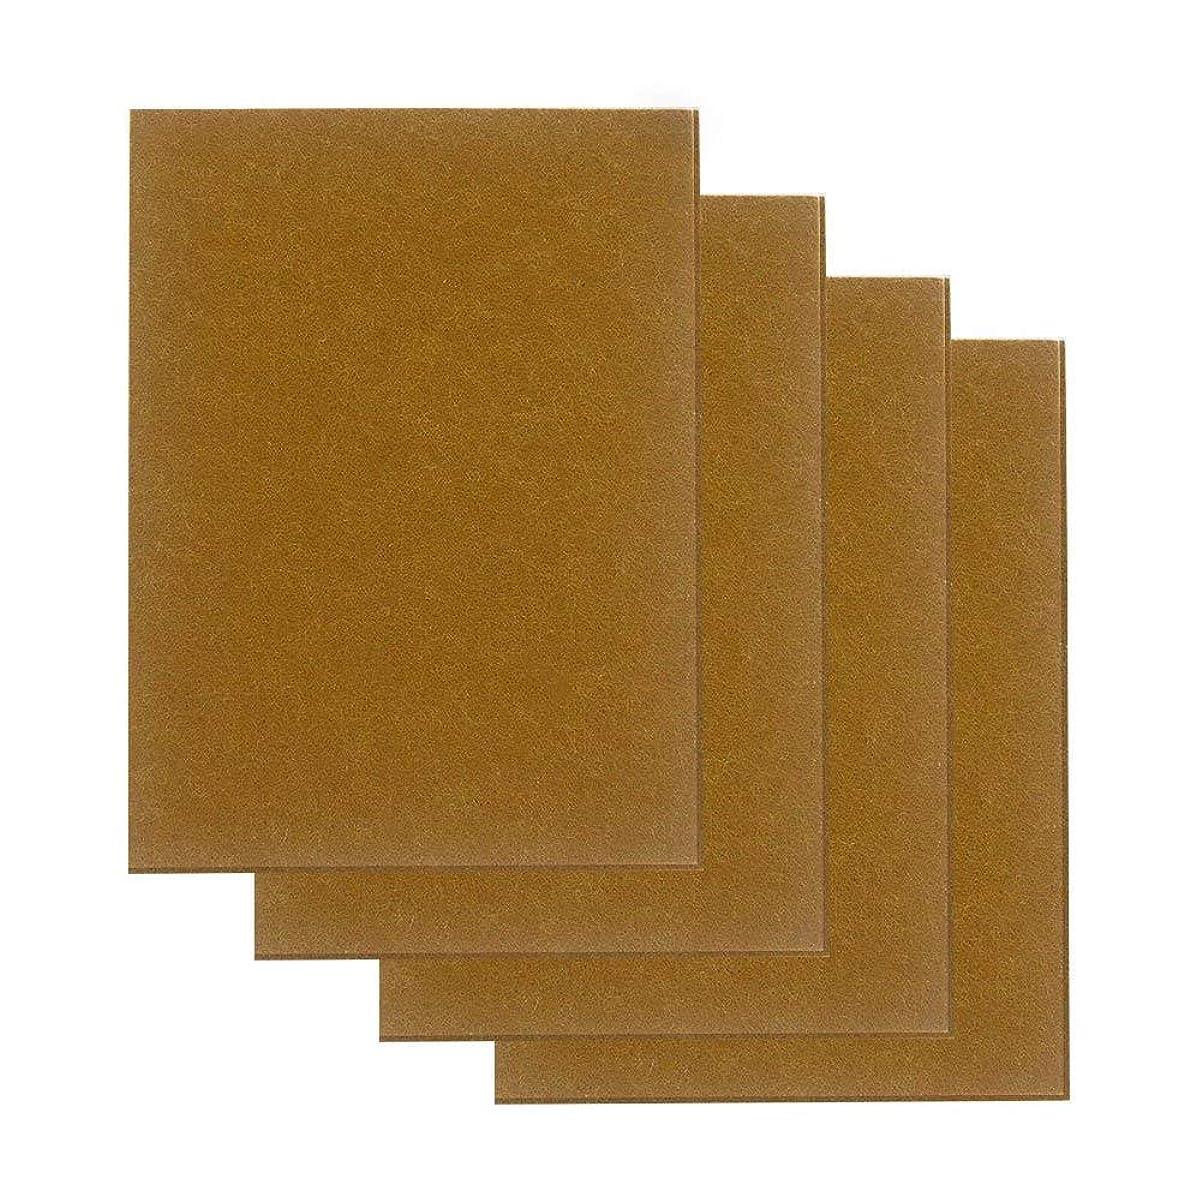 石化するマントアスペクトAutra フェルトシート 大判15cm×20cm 厚さ4mm セルフ粘着 床のキズ防止 家具保護パッド 4枚入